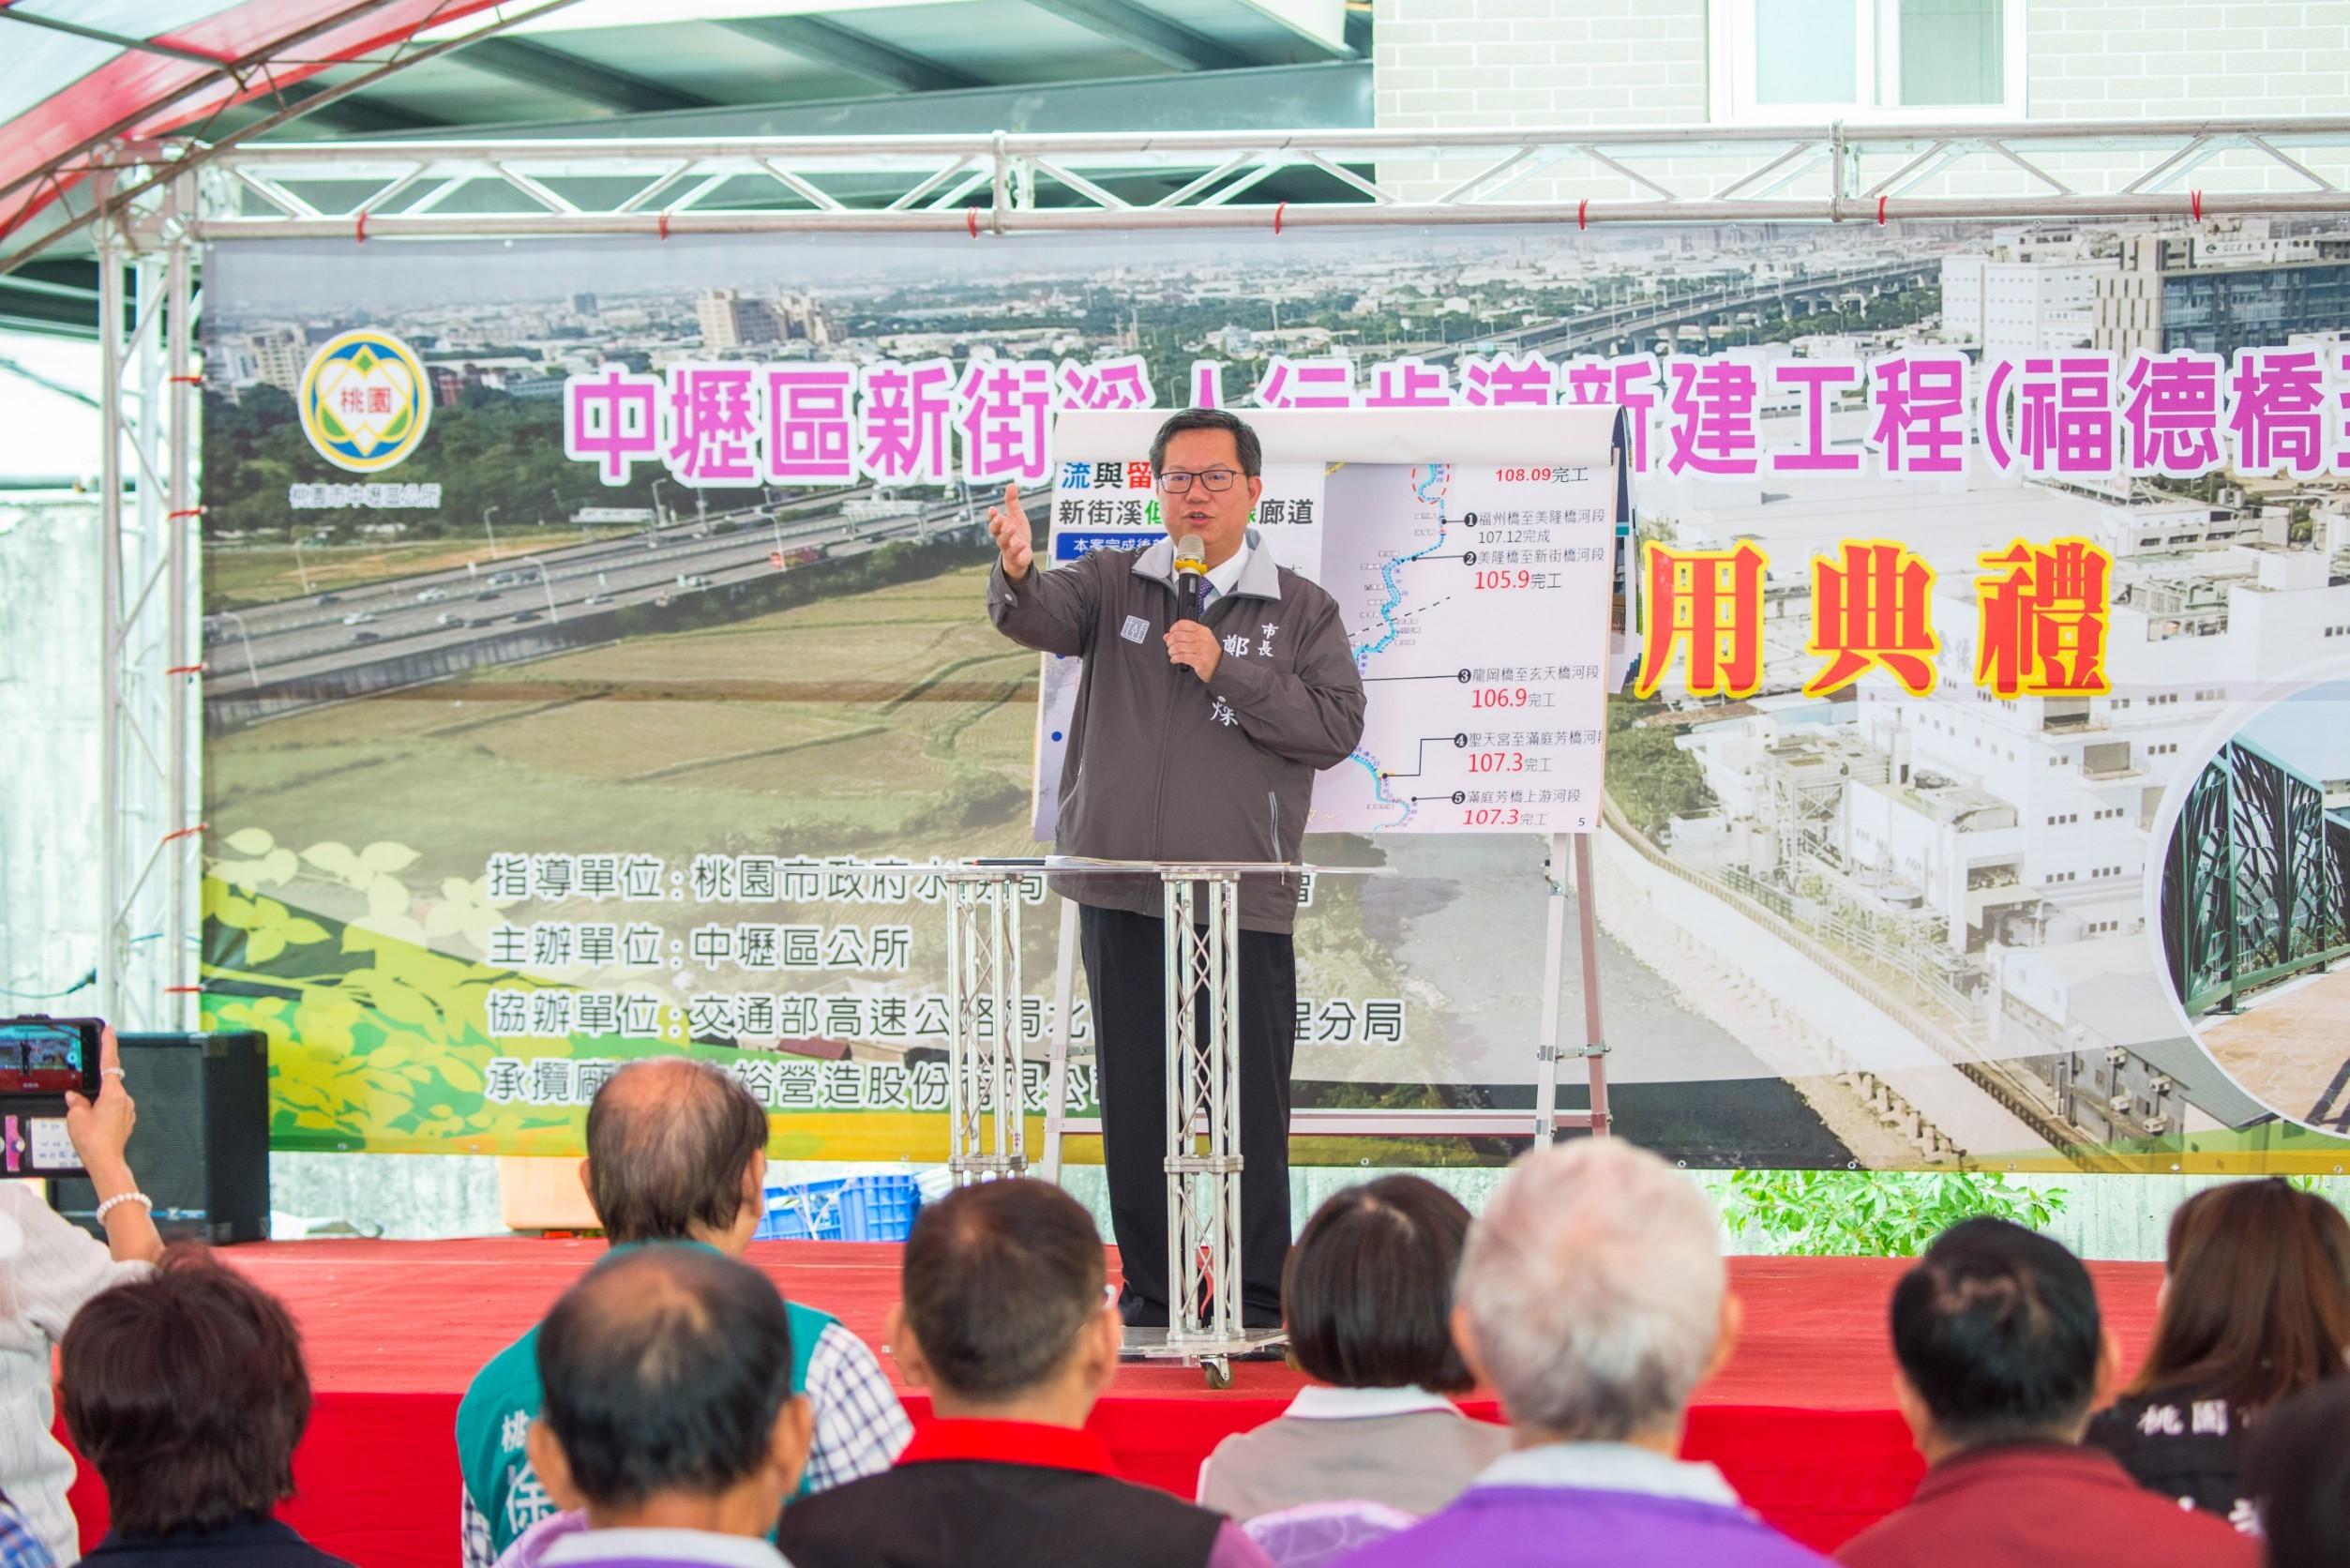 市長說,將來河濱步道預計延伸至高鐵,增加市民的休憩空間